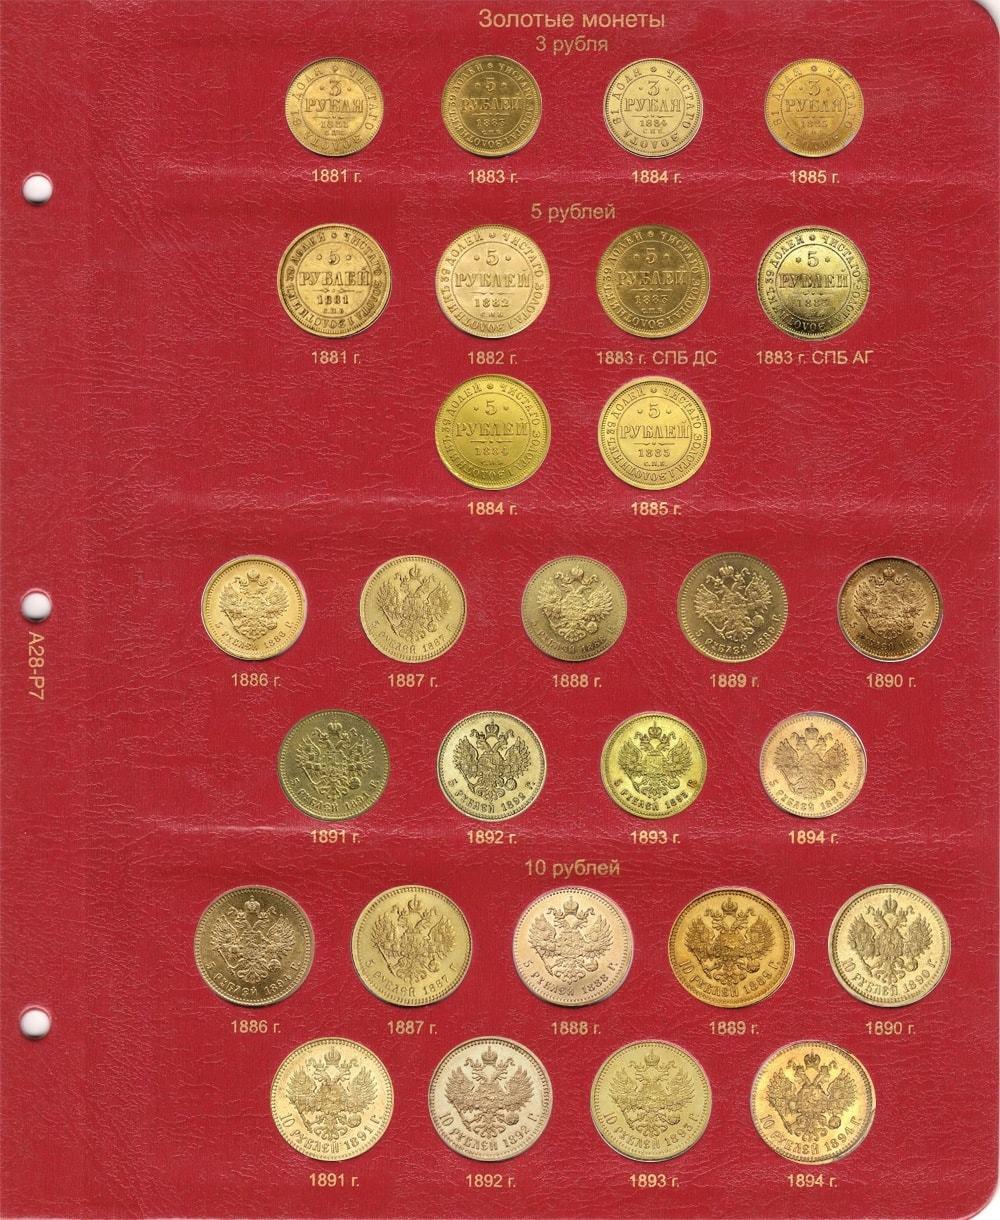 Альбом для монет правления Александра III (1881-1894 гг.)